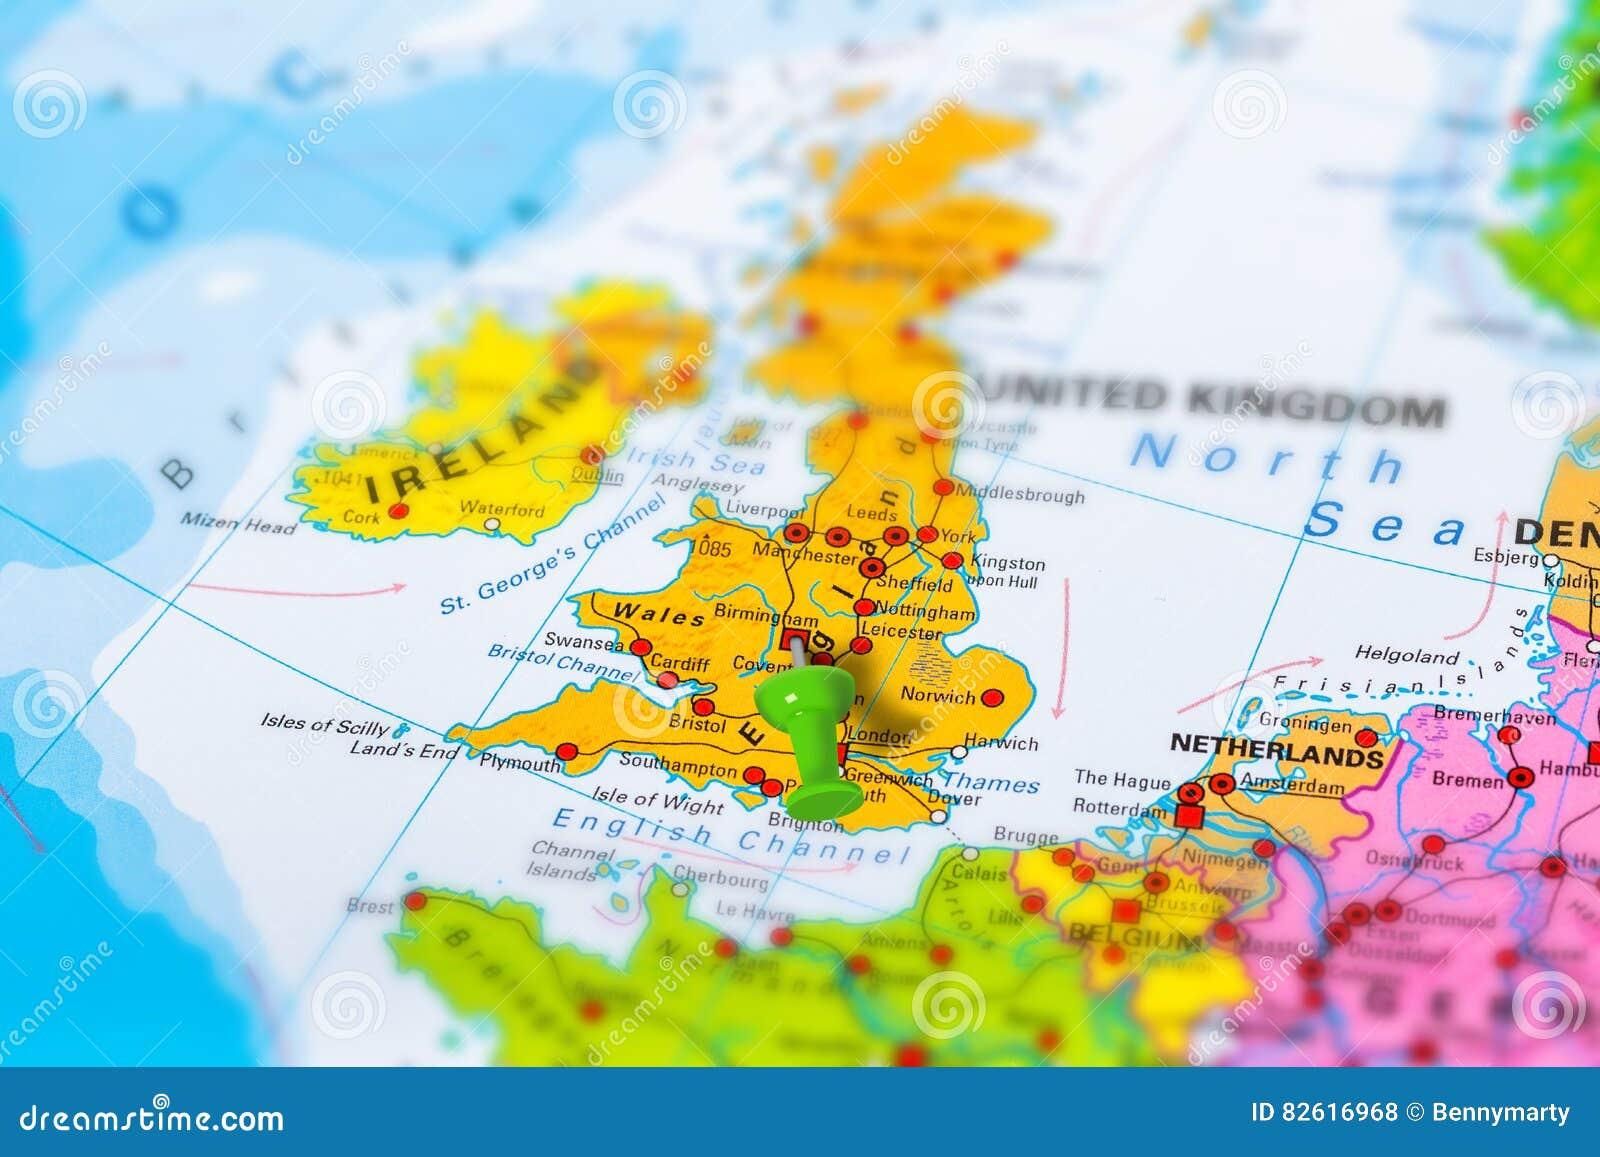 Birmingham Karte.Karte Birminghams Grossbritannien Stockfoto Bild Von Europa